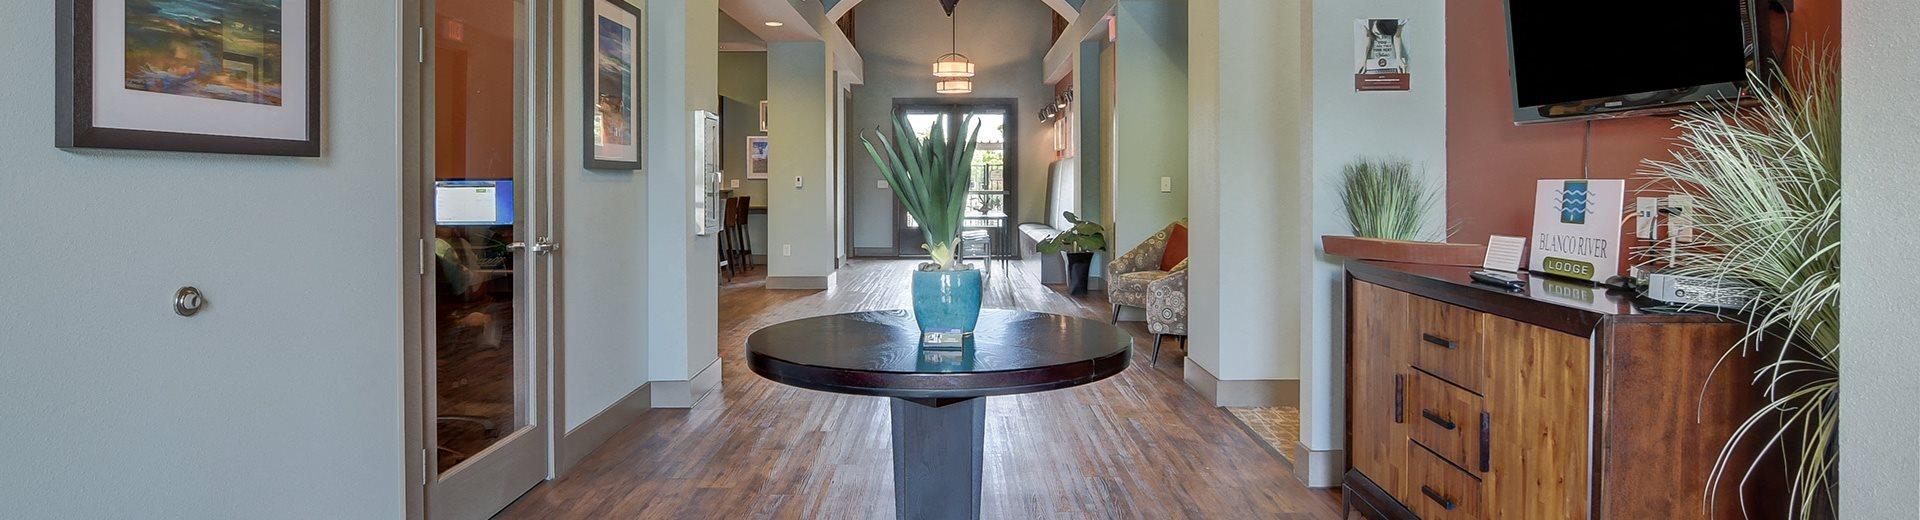 San Marcos, TX 78666 Apartment Rentals